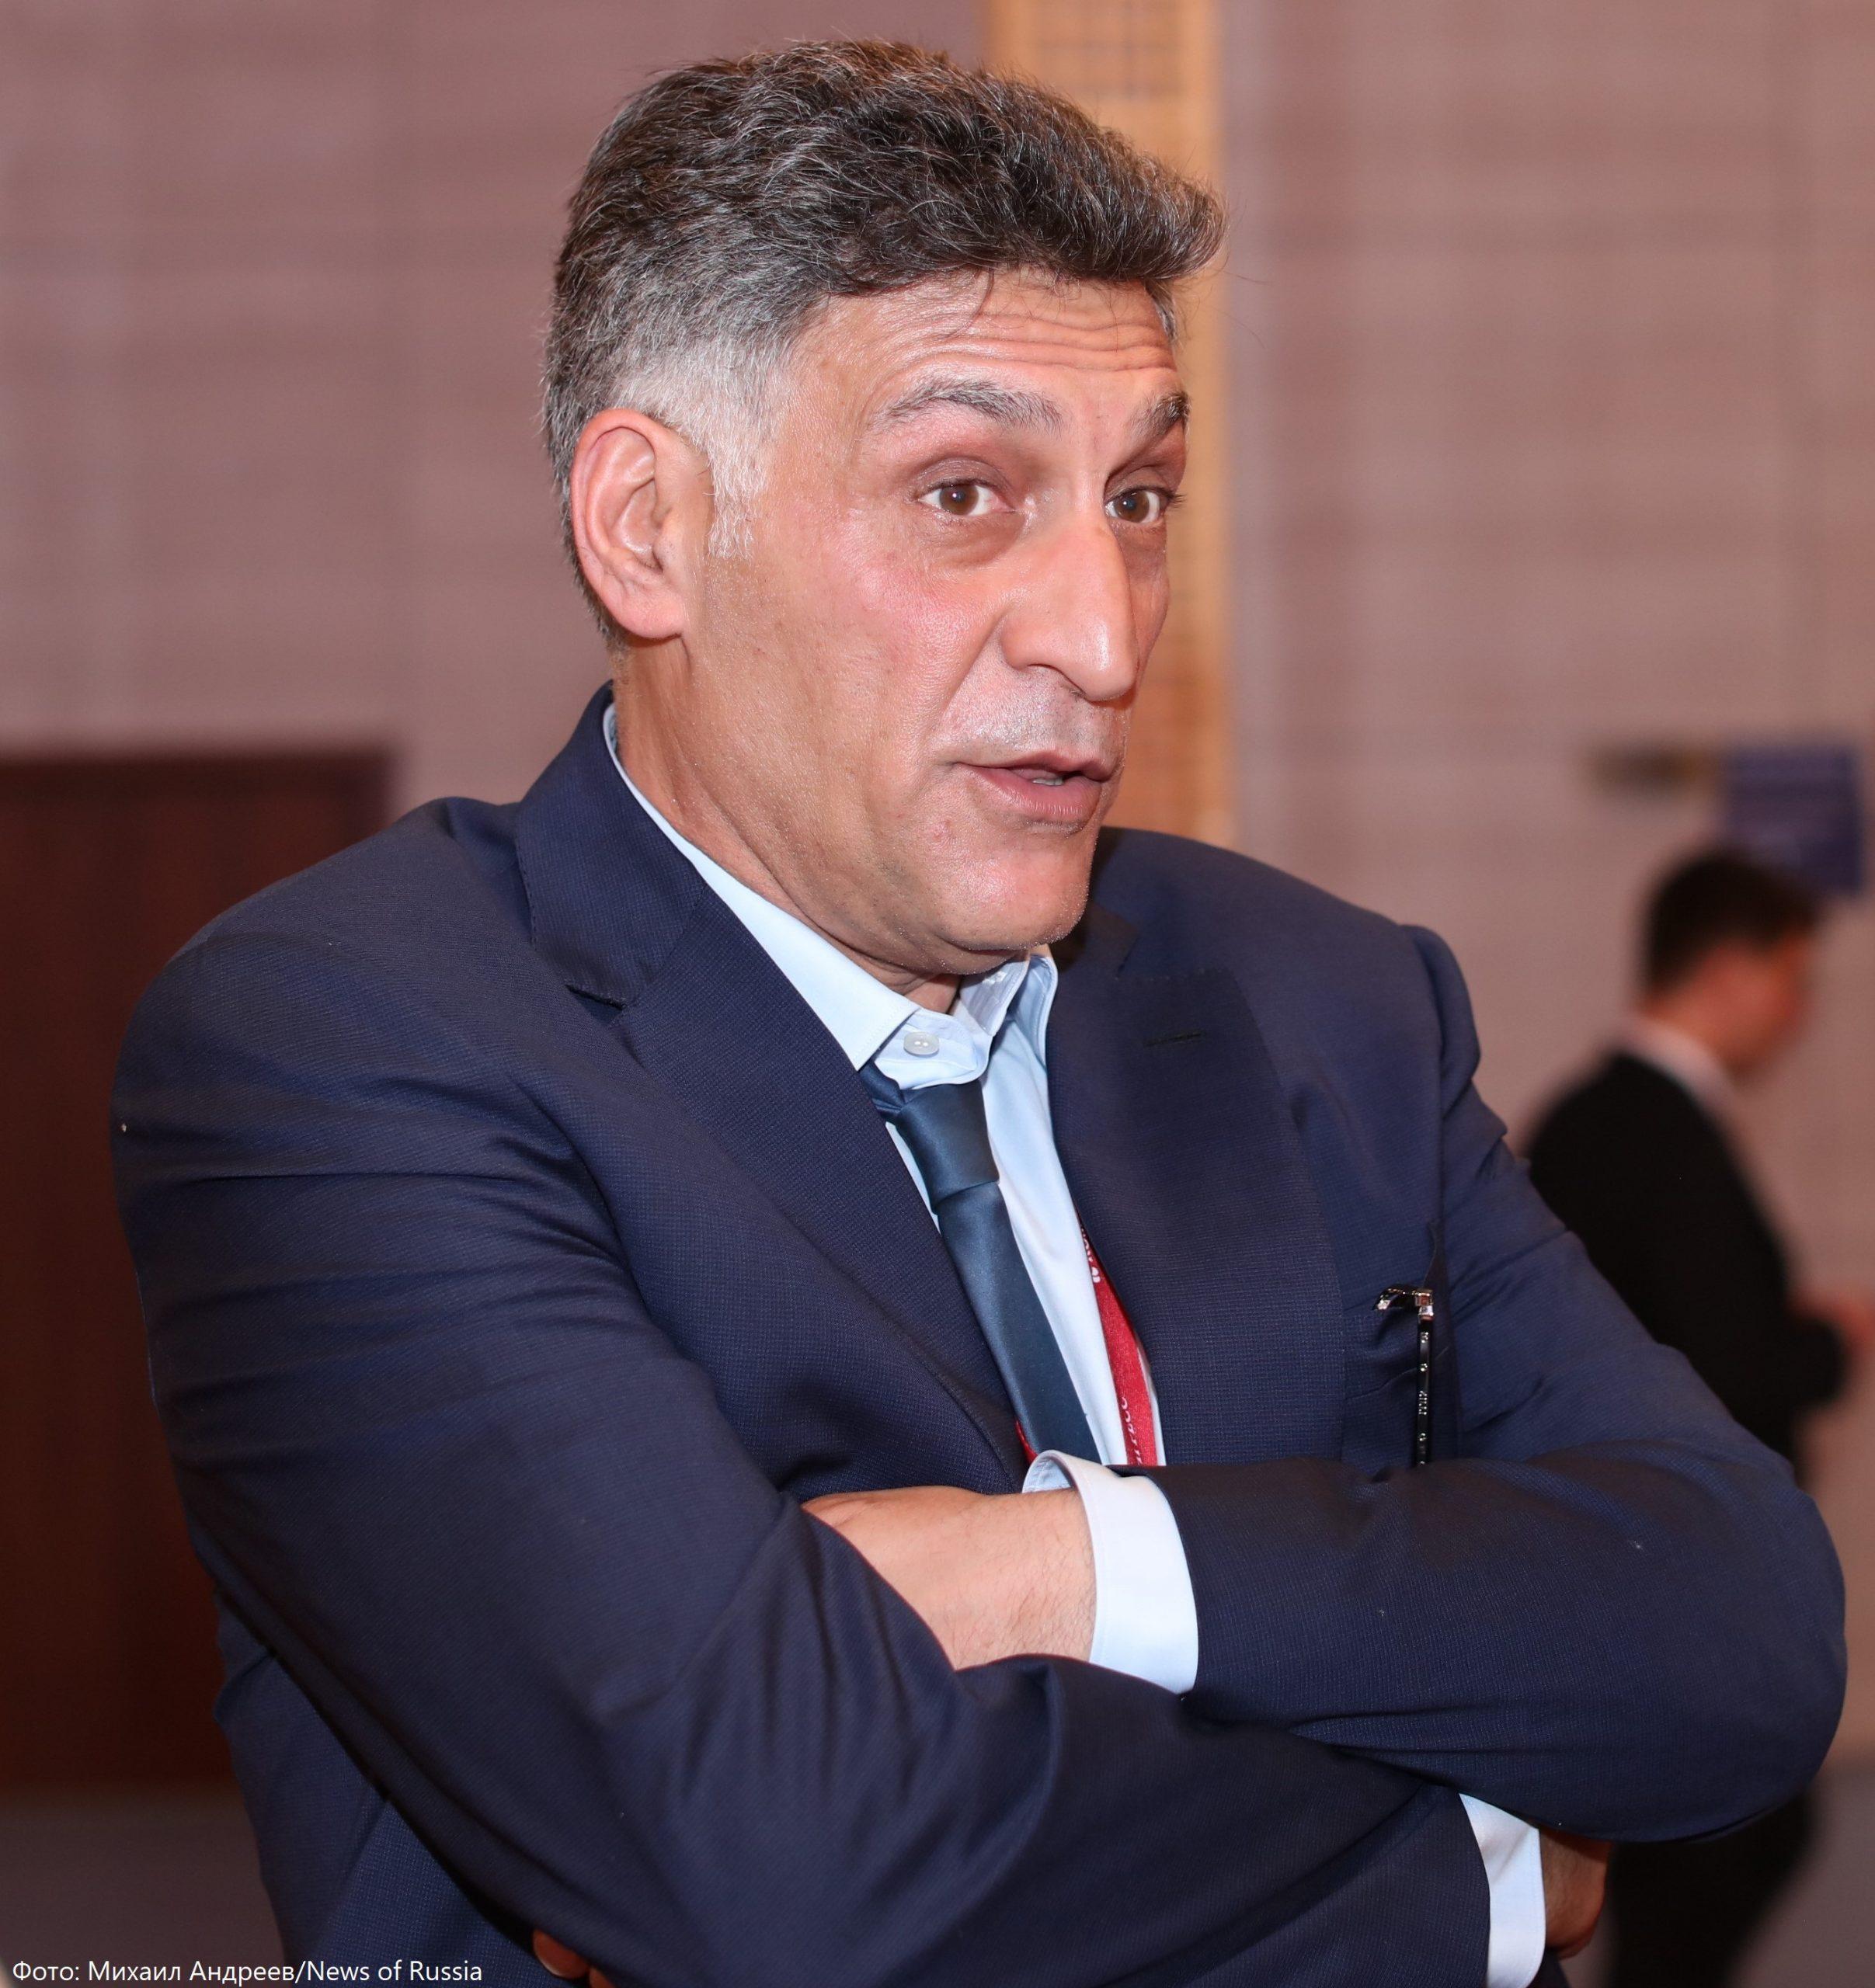 Тигран Кеосаян: «Считаю то, что делают с Санкт- Петербургом- это плевок мне, как патриоту страны»